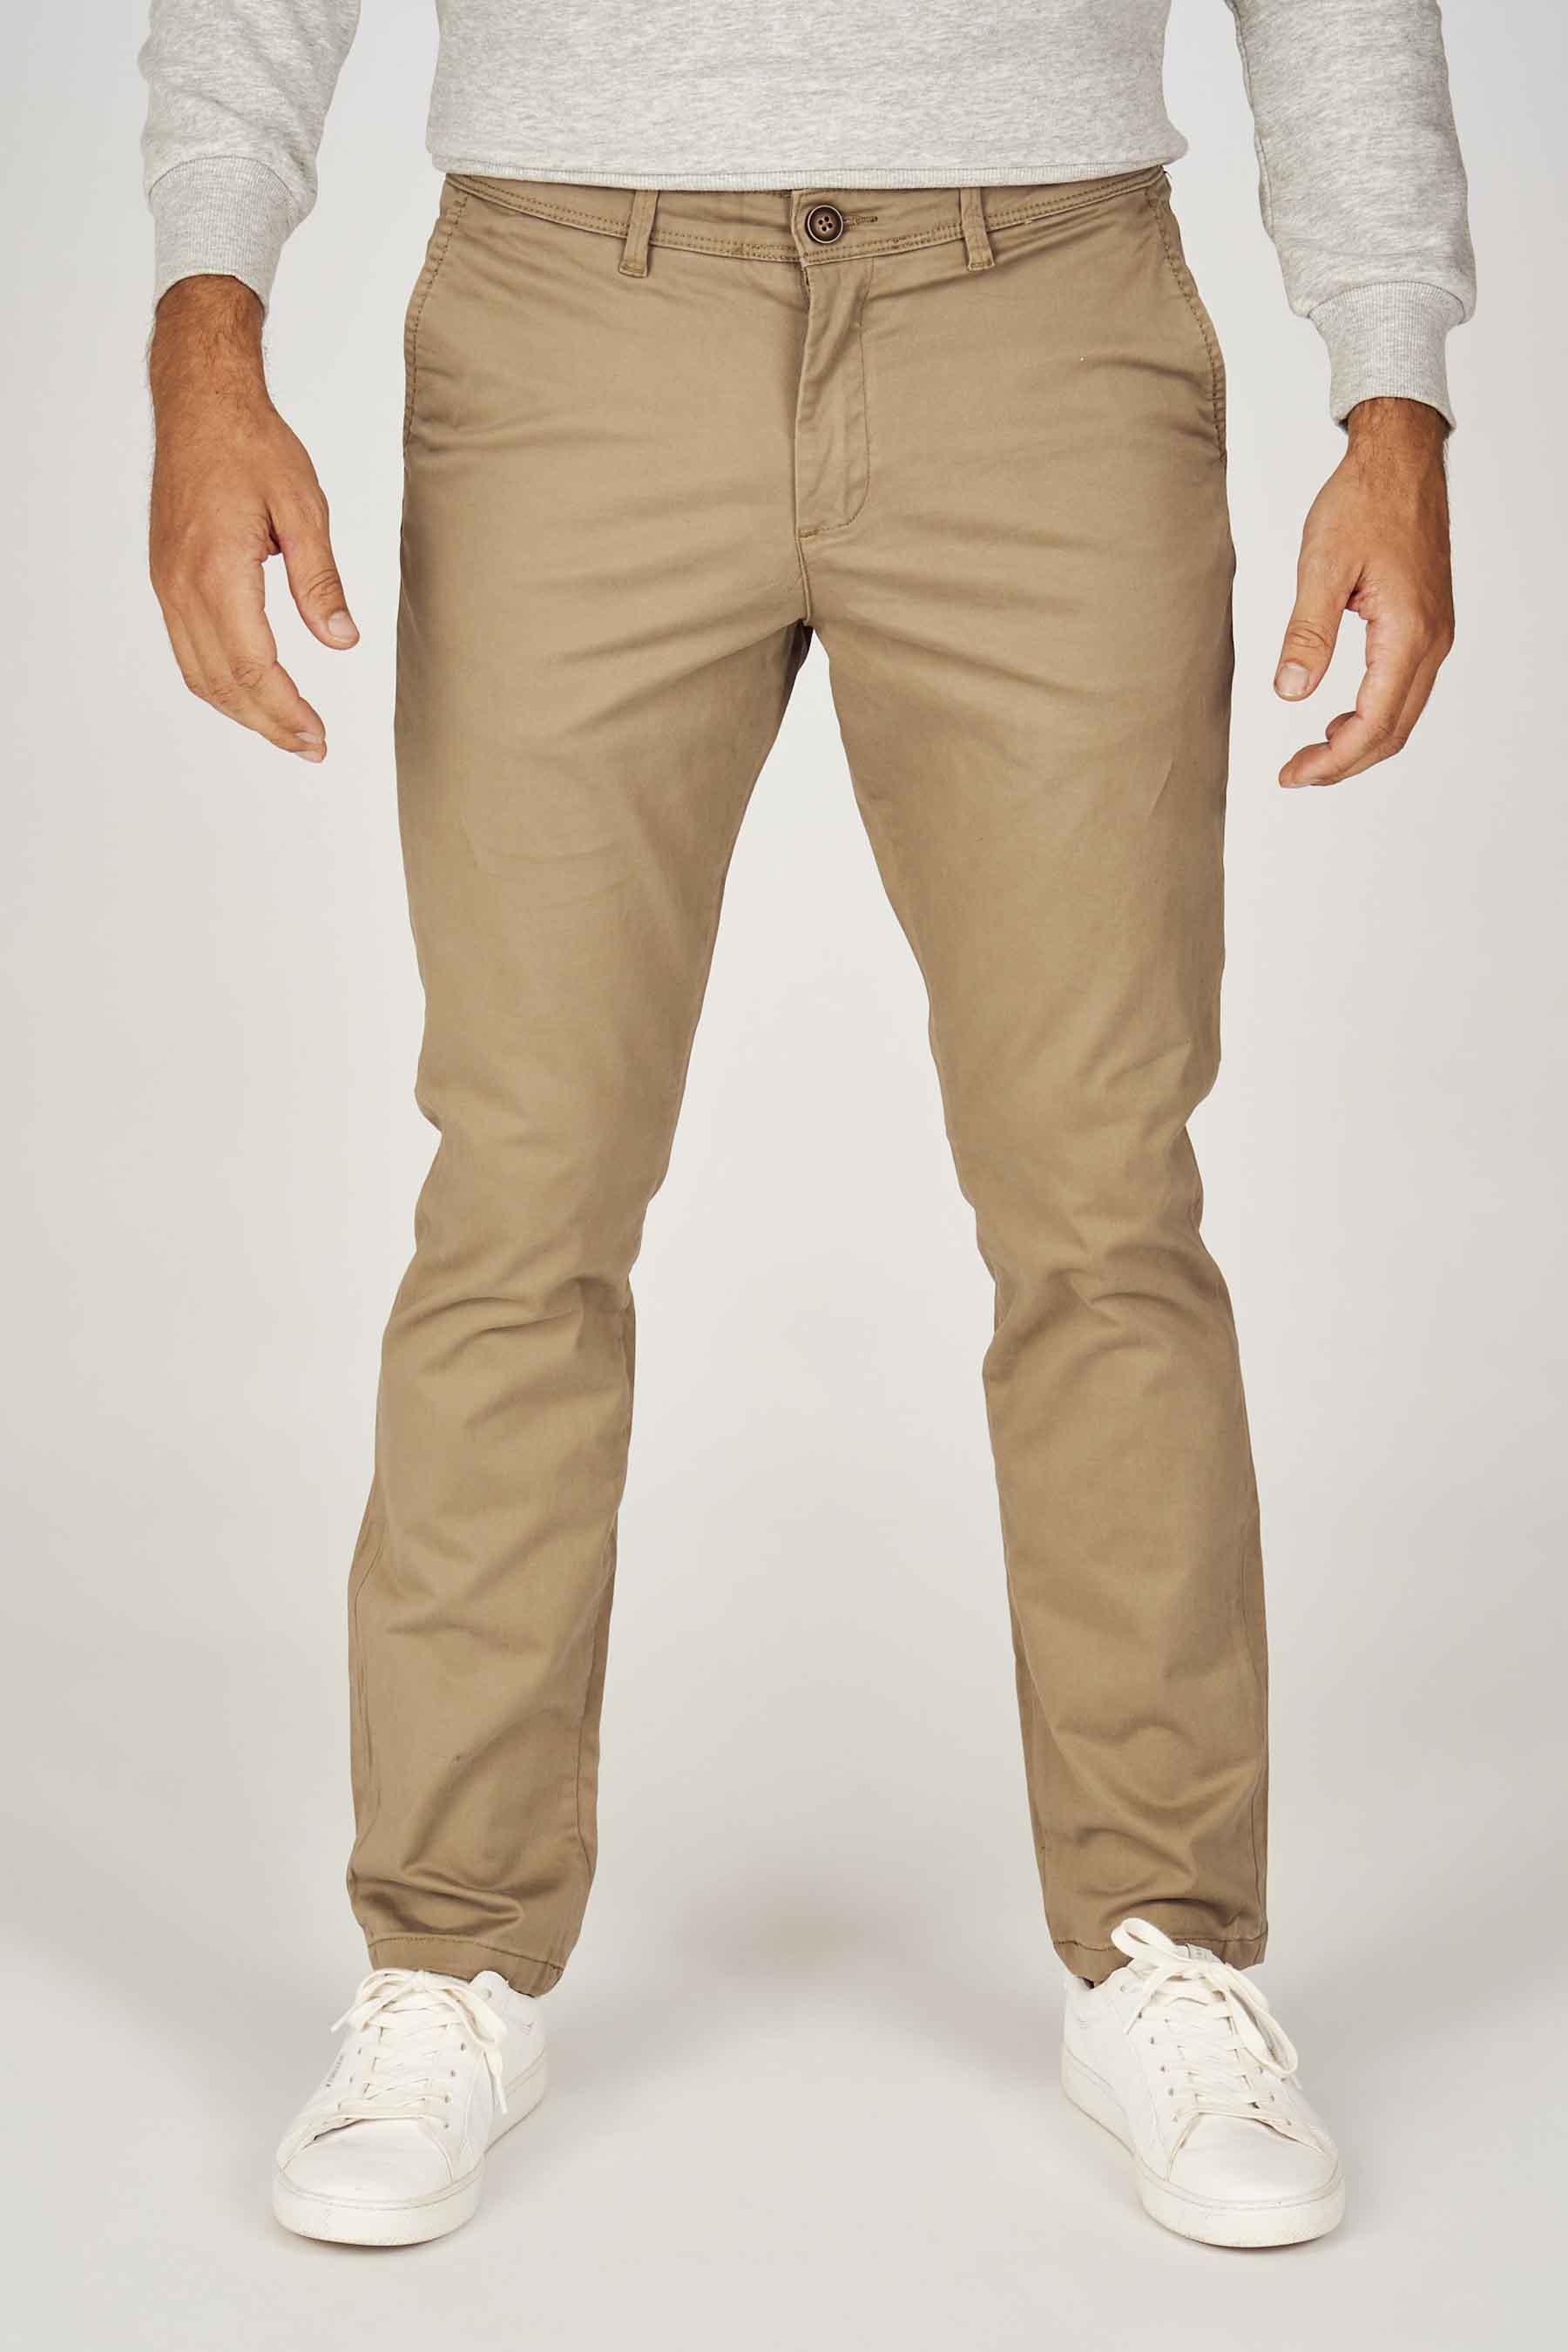 Jack & Jones Jeans Intelligence Chino, Chino, Heren, Maat: 27x32/28x32/34x32